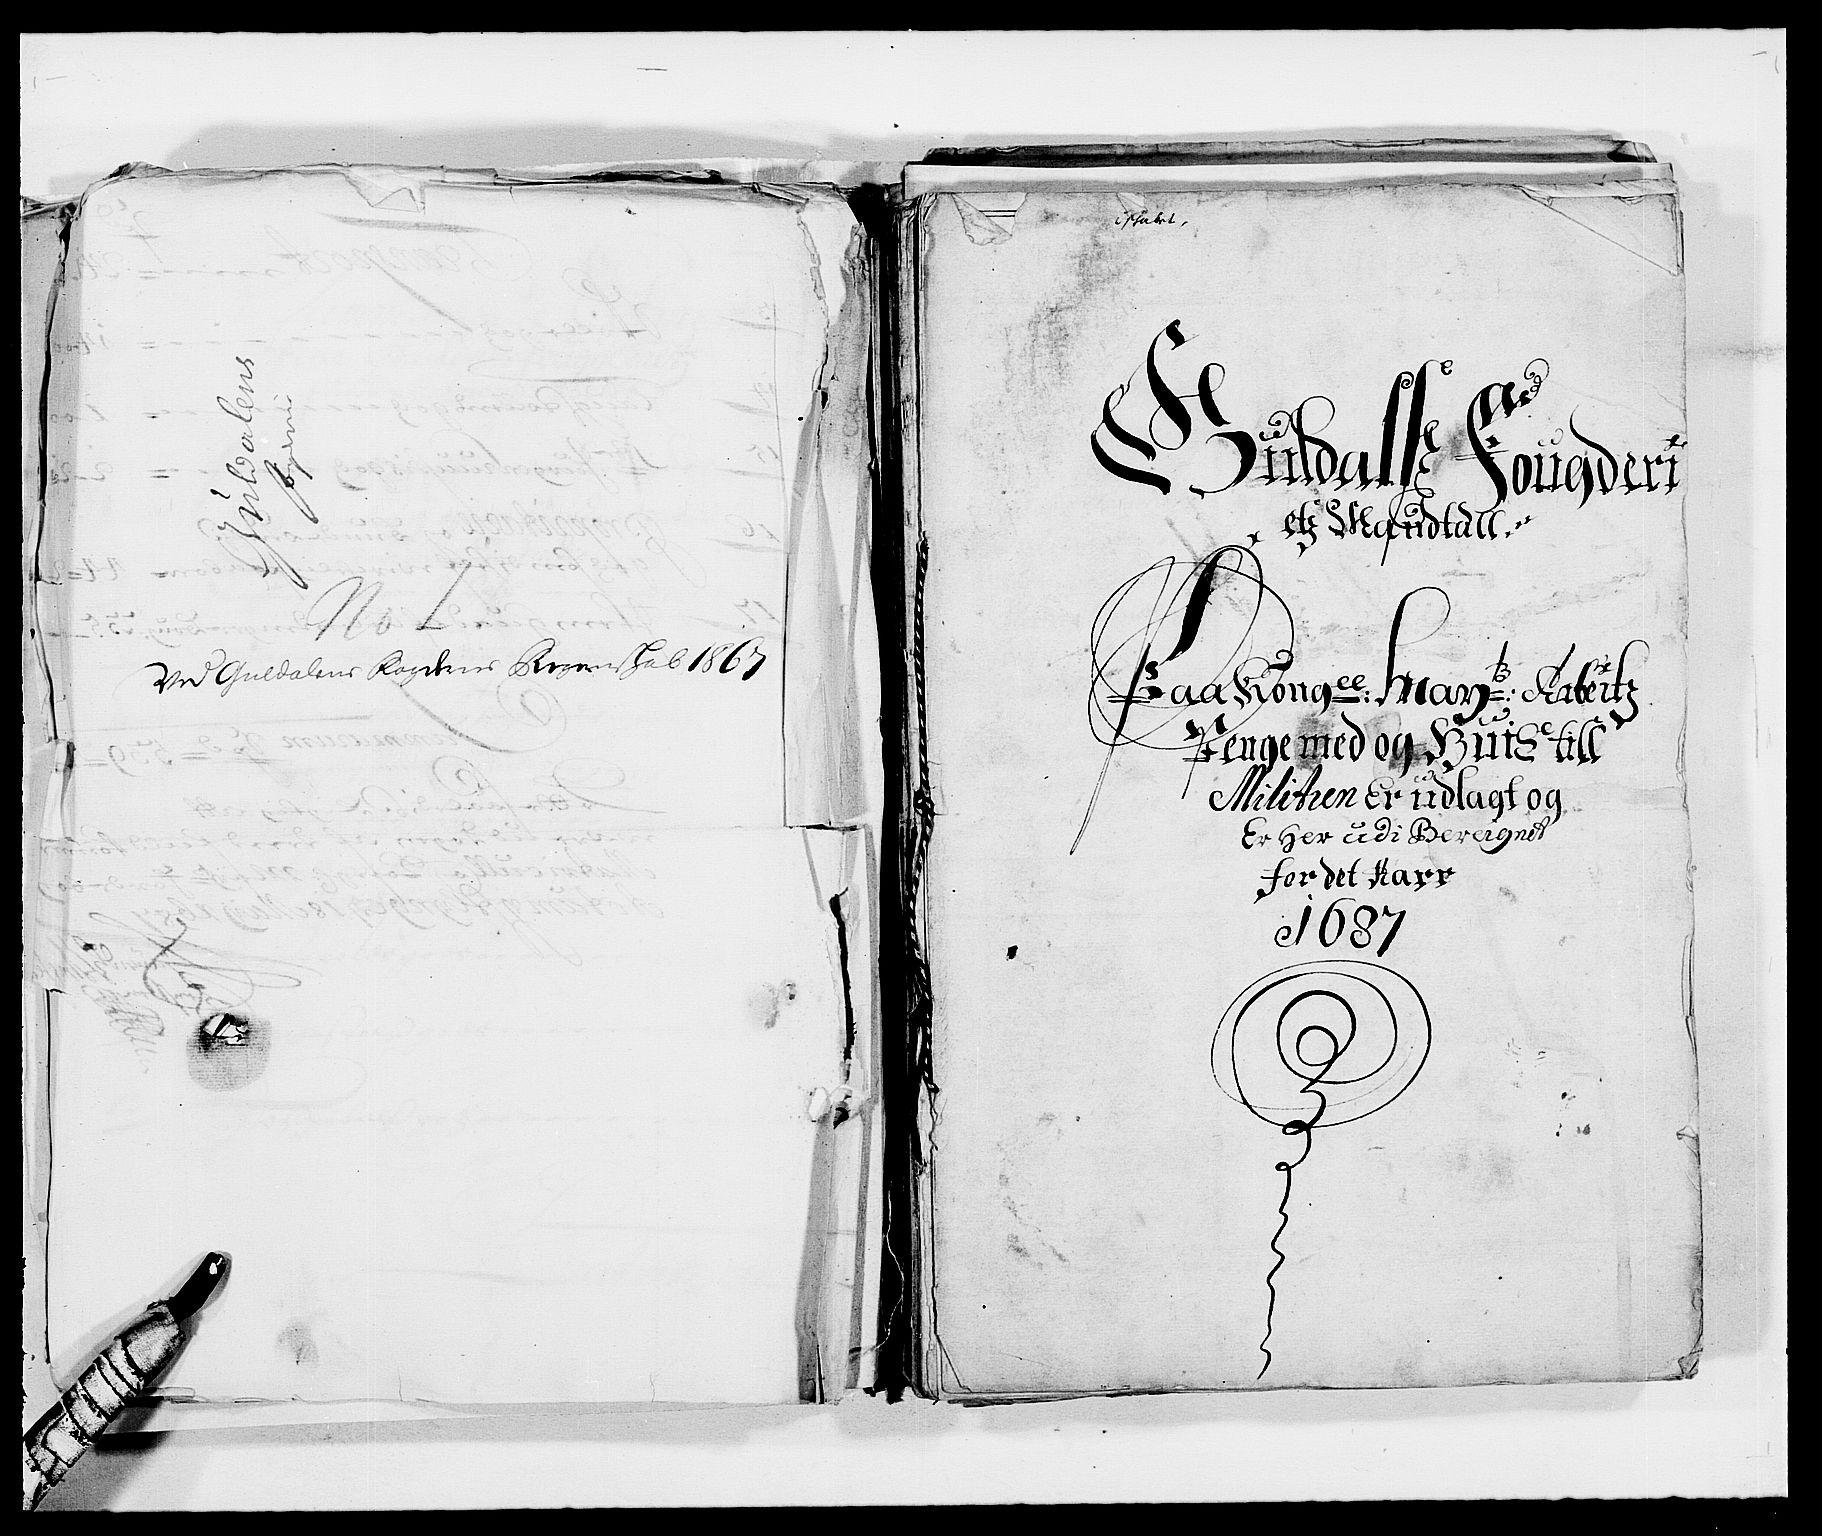 RA, Rentekammeret inntil 1814, Reviderte regnskaper, Fogderegnskap, R59/L3939: Fogderegnskap Gauldal, 1687-1688, s. 7